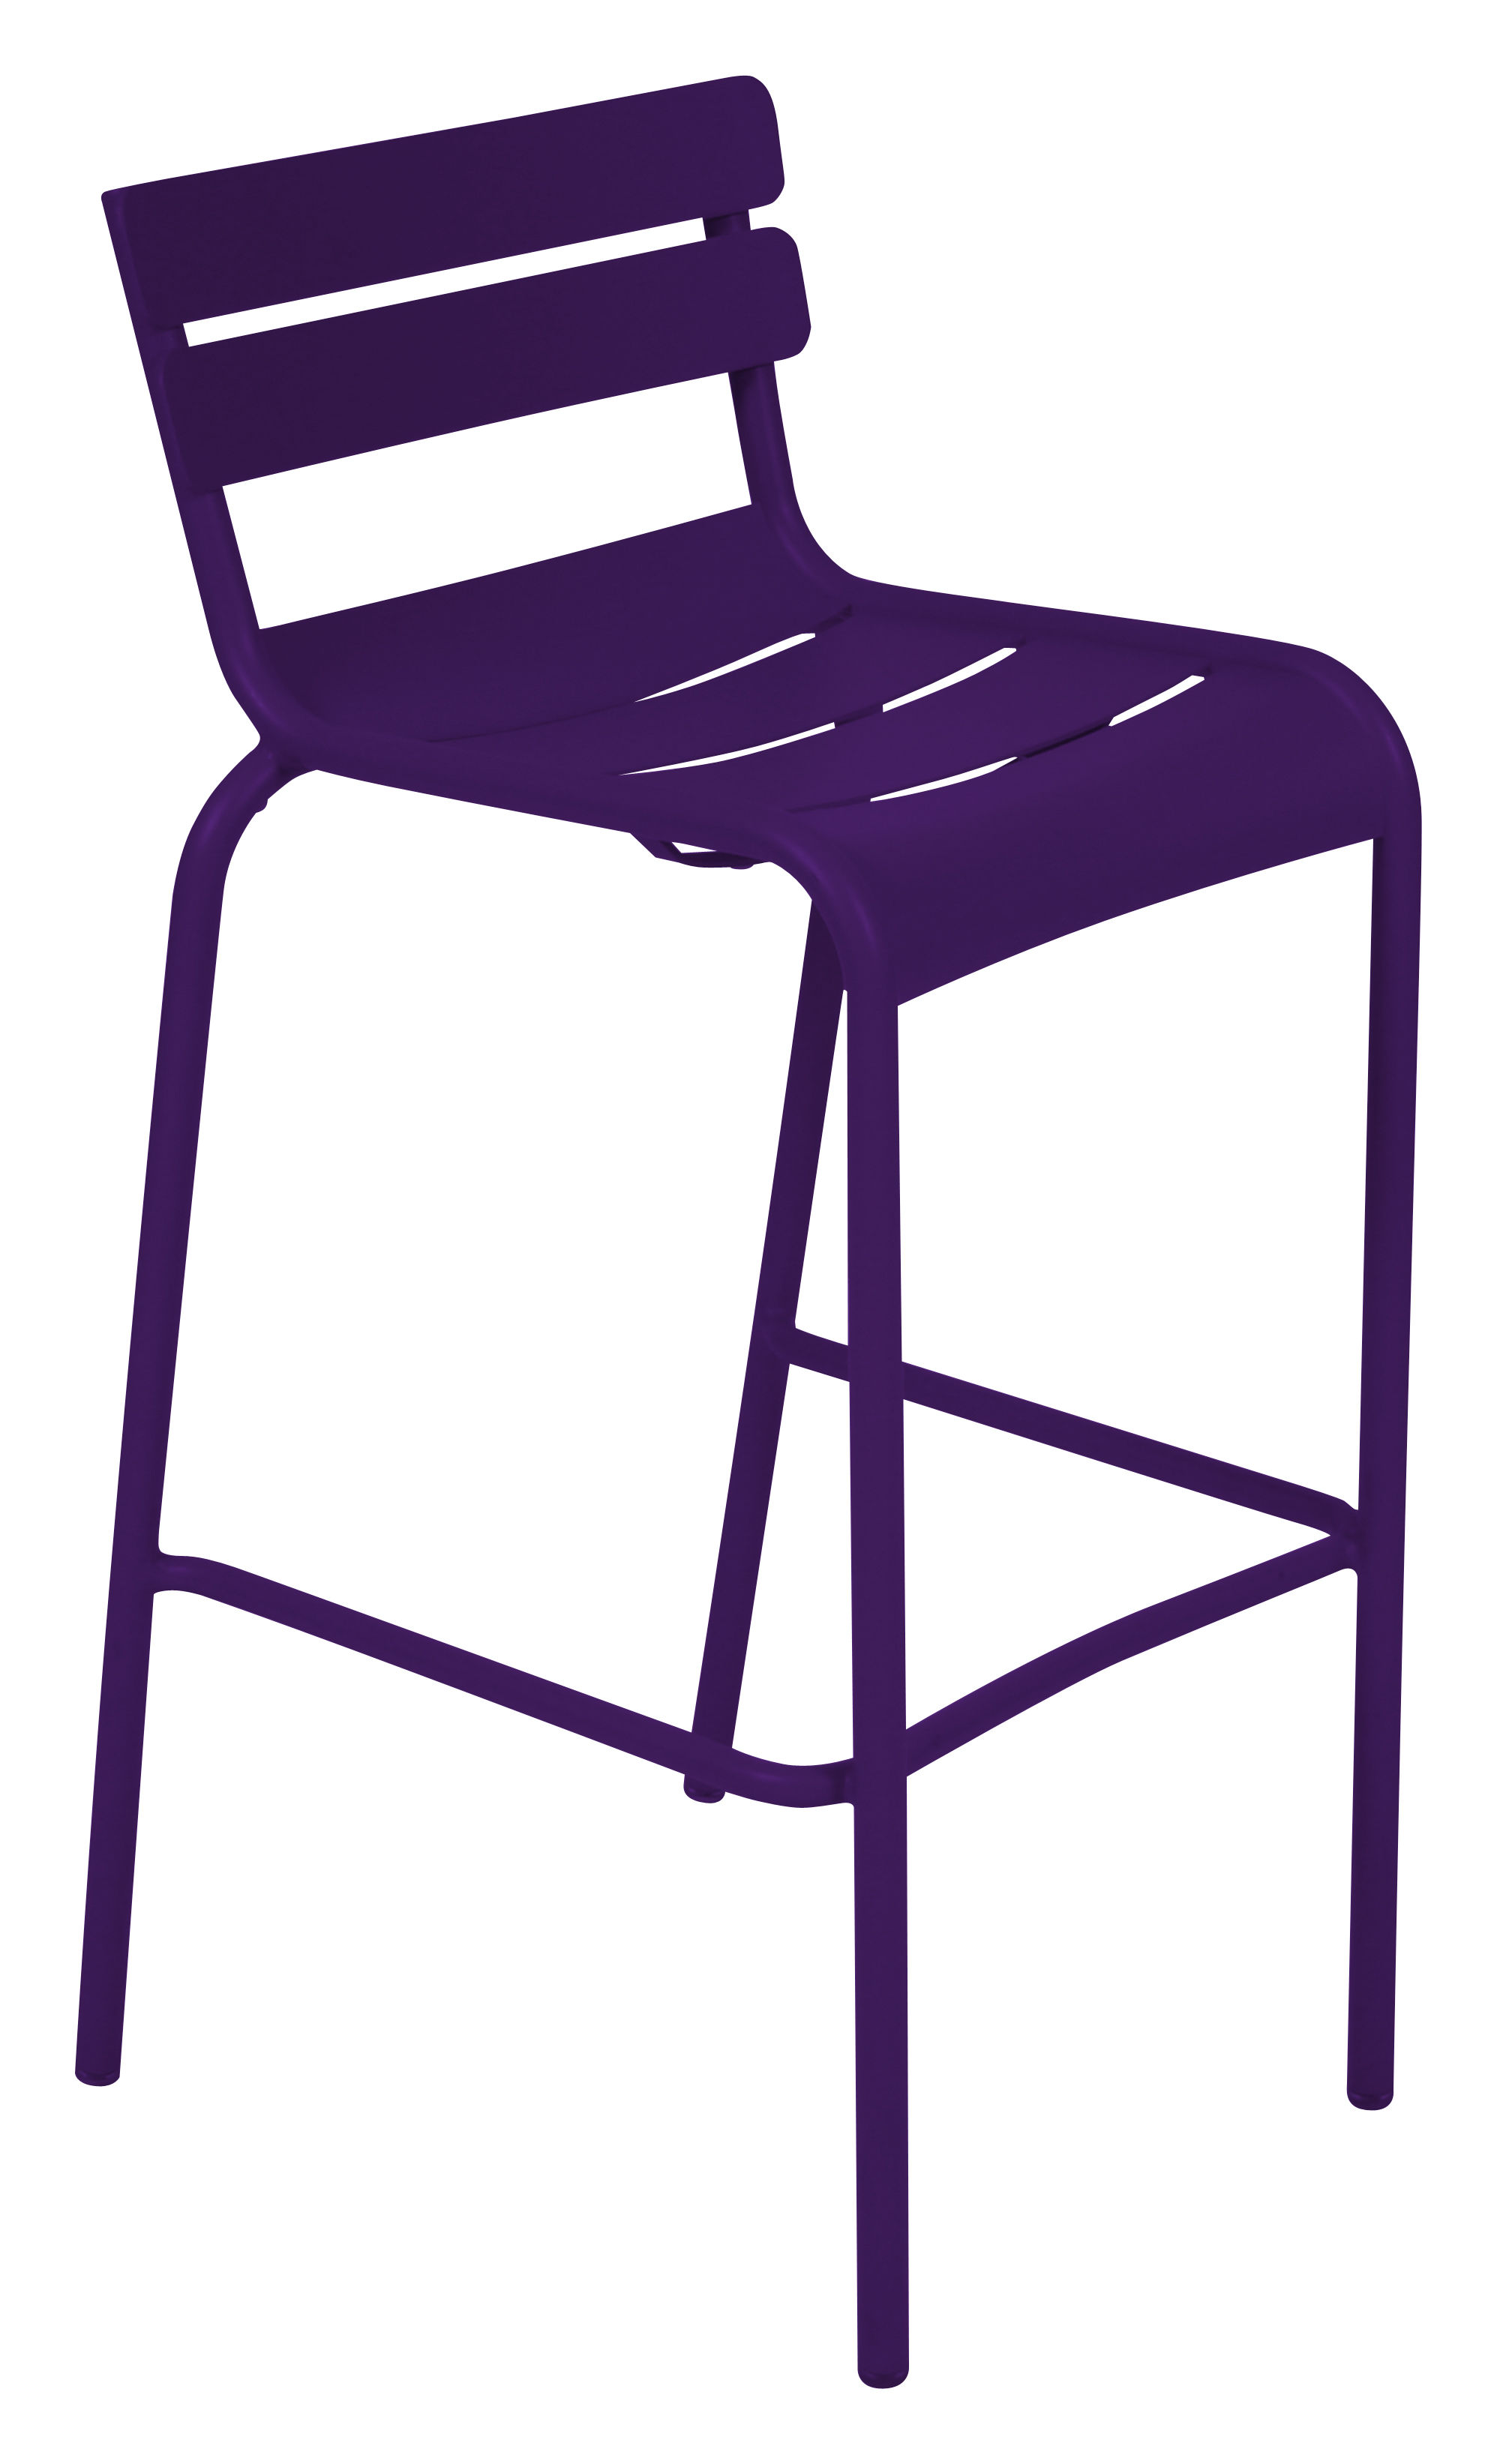 Life Style - Chaise de bar Luxembourg / H 80 cm - Aluminium - Fermob - Aubergine - Aluminium laqué